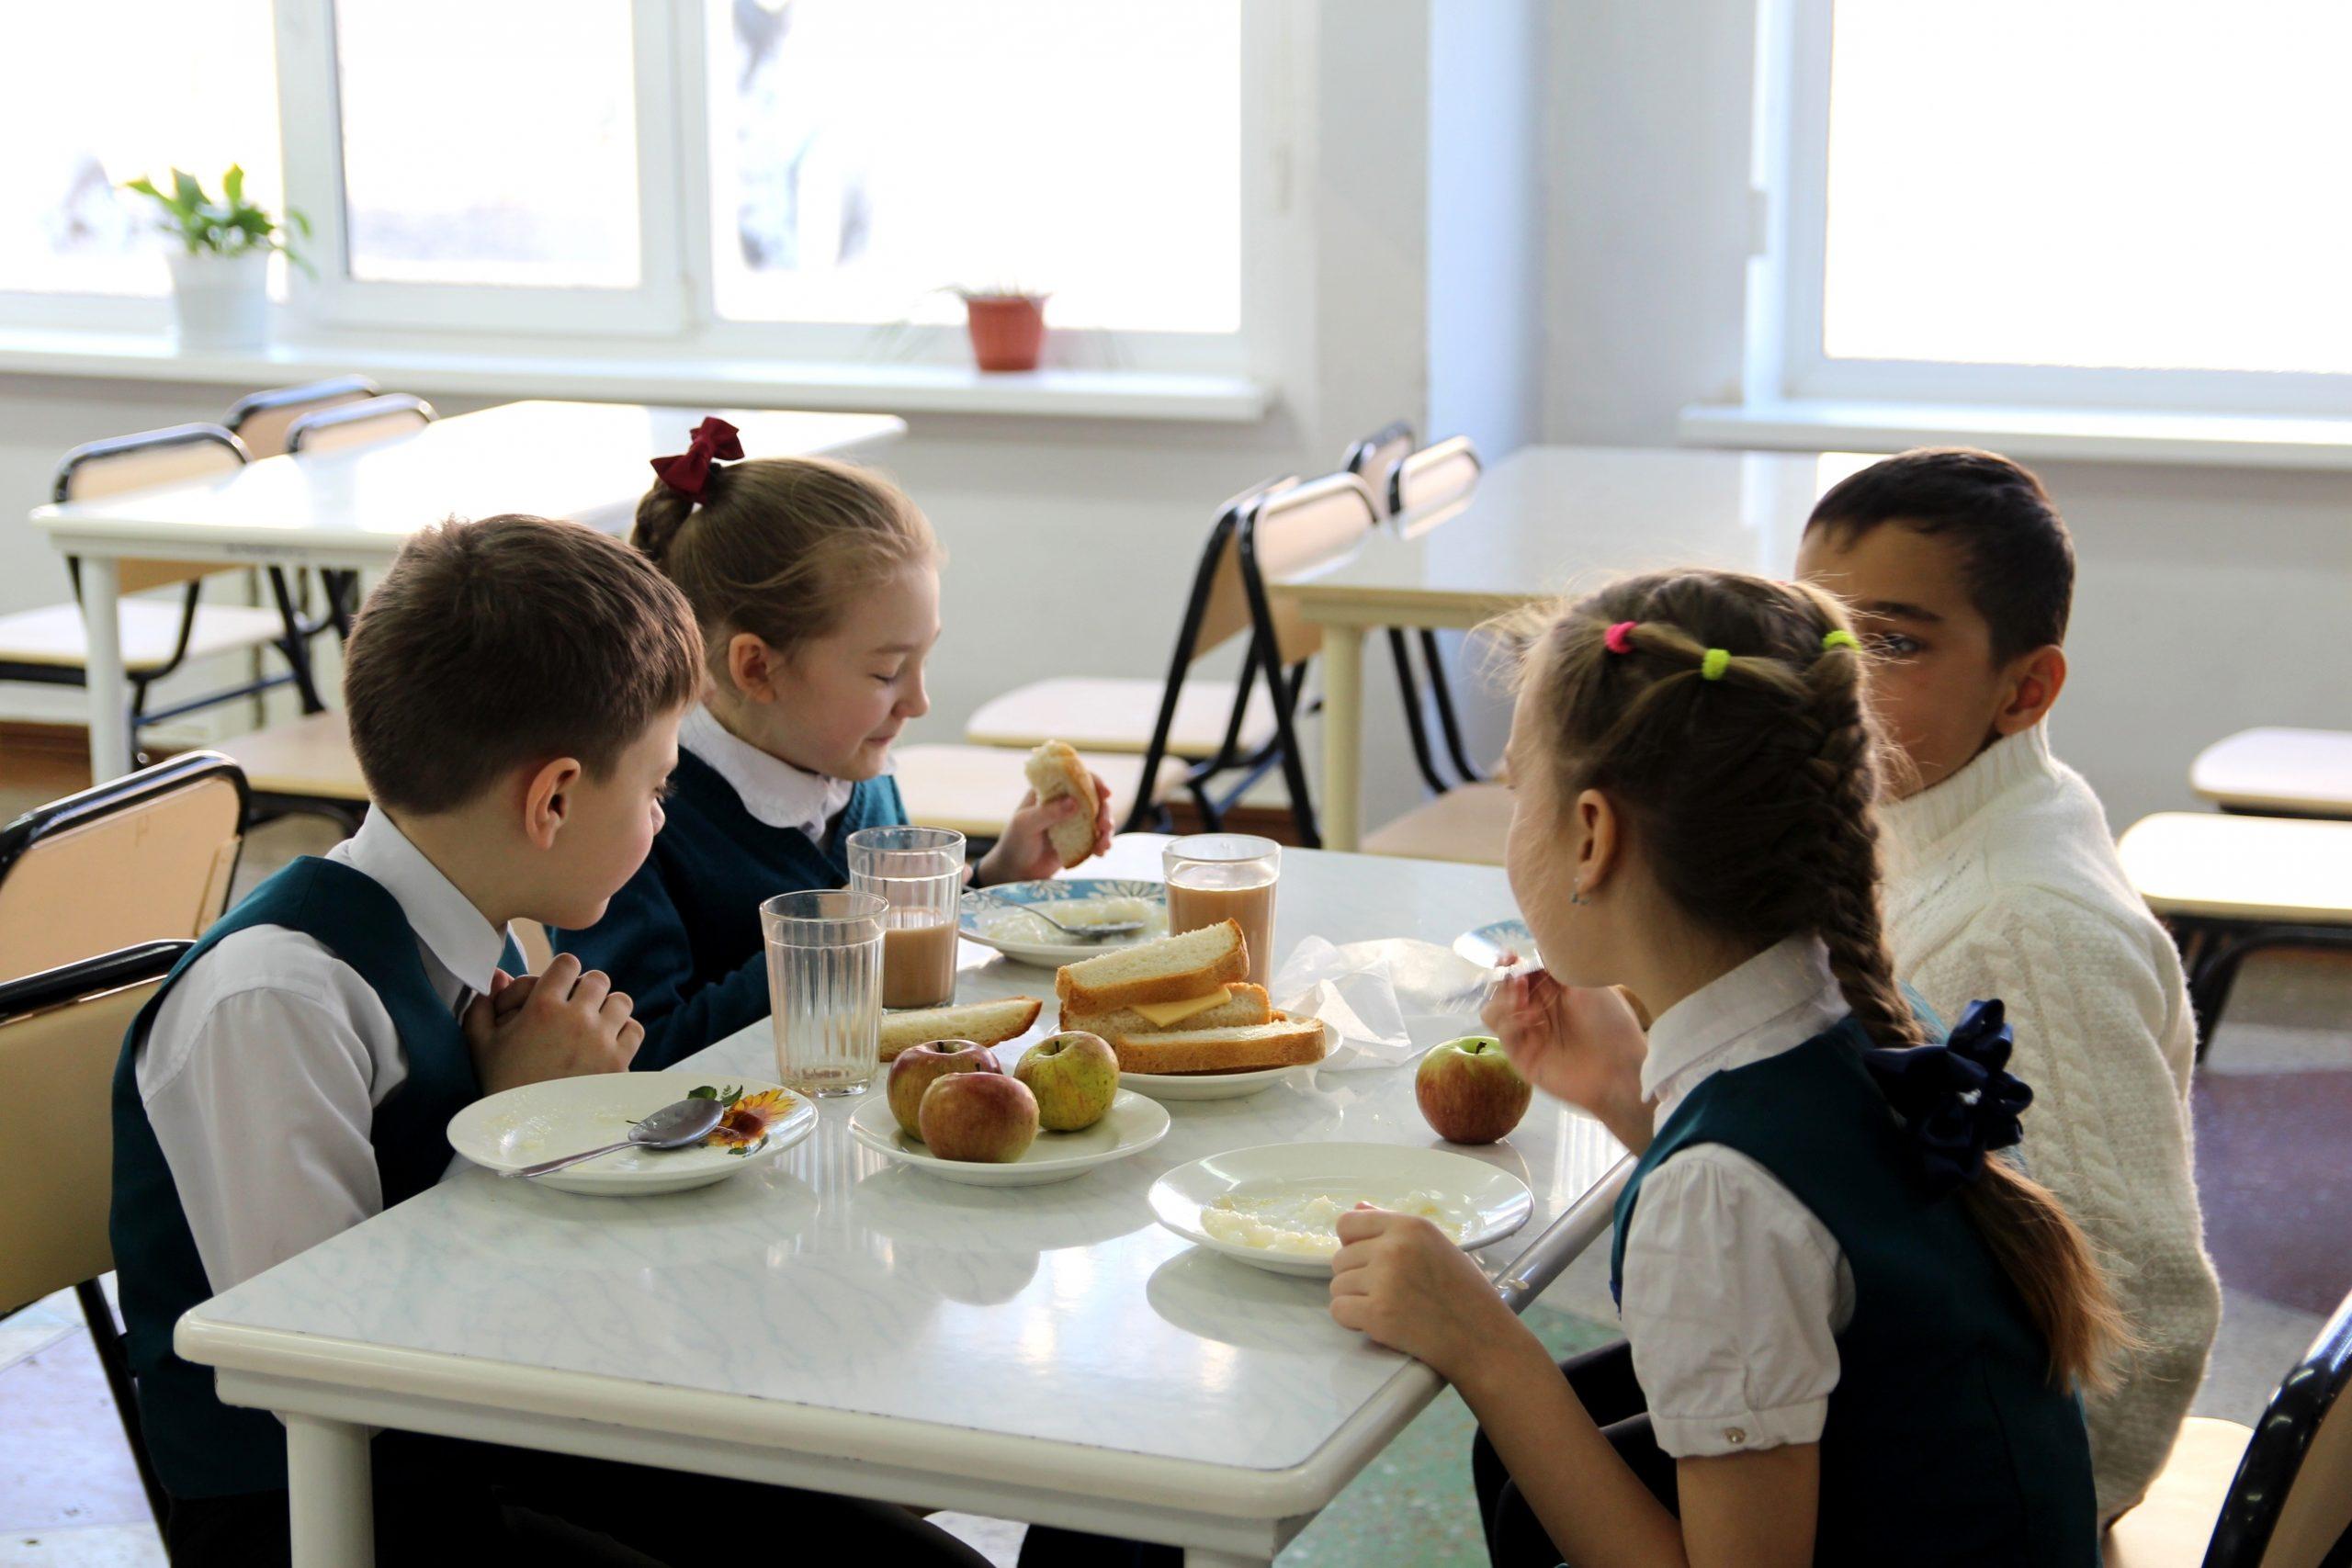 В Севастополе оштрафовали директора школы за нарушение закона